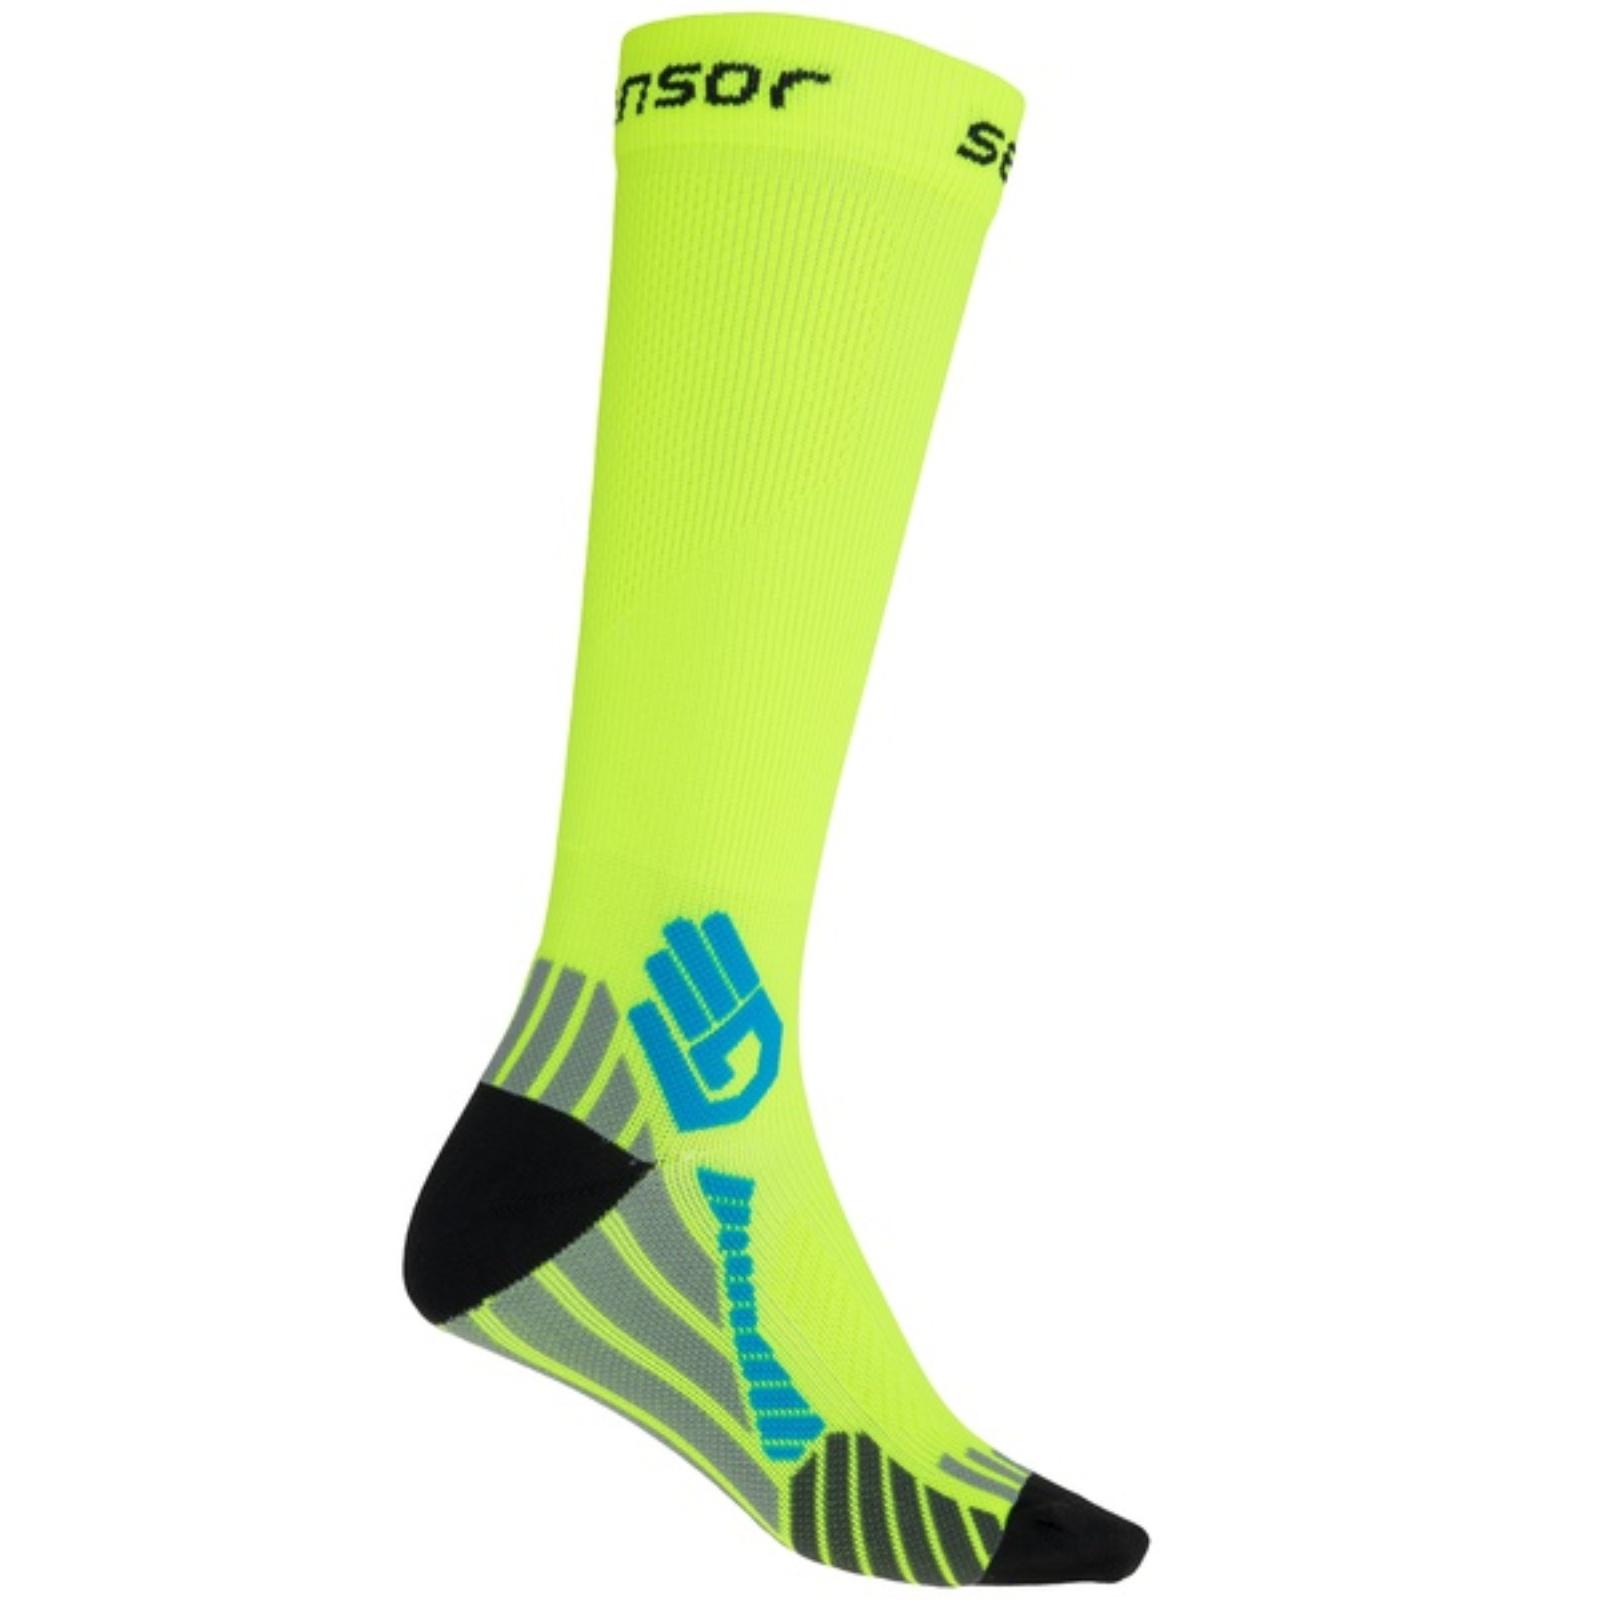 Ponožky SENSOR Compress reflexní žluté - vel. 9-11